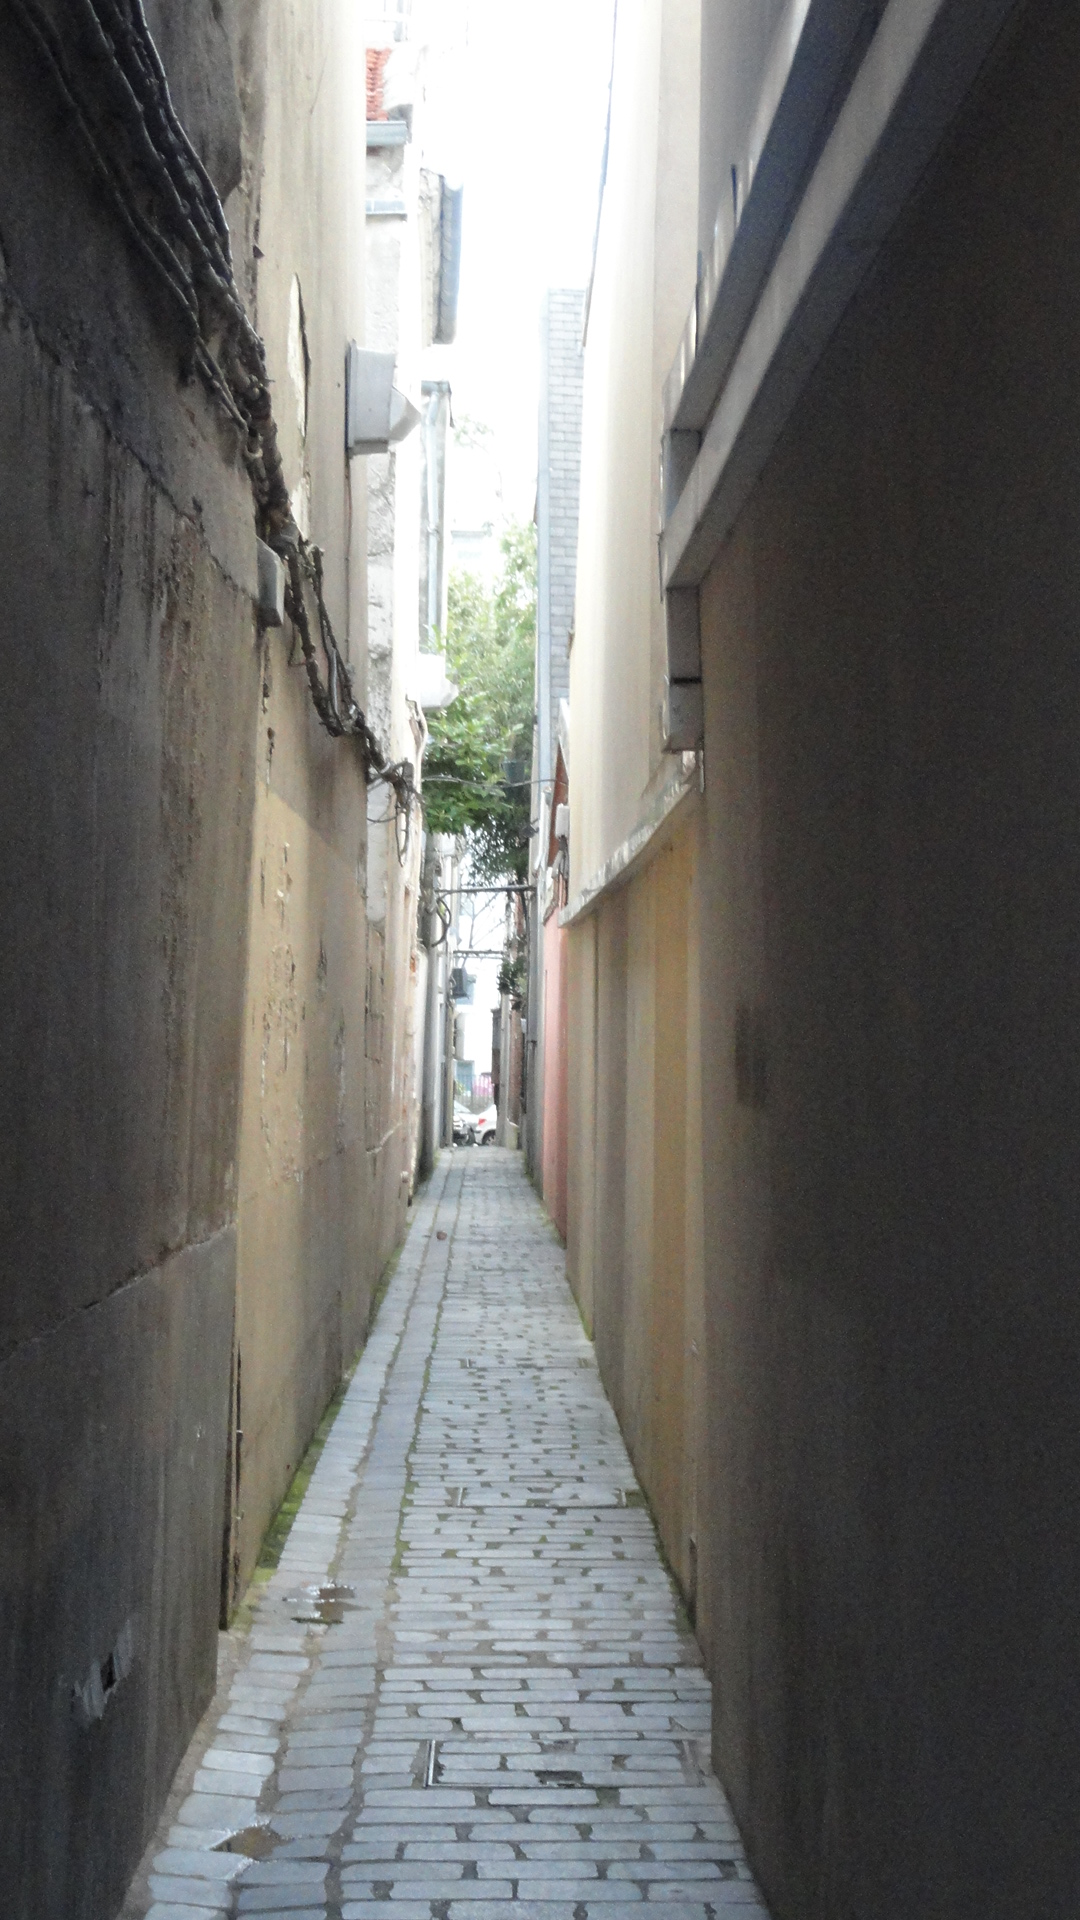 Passage du Plateau - Paris, 19e